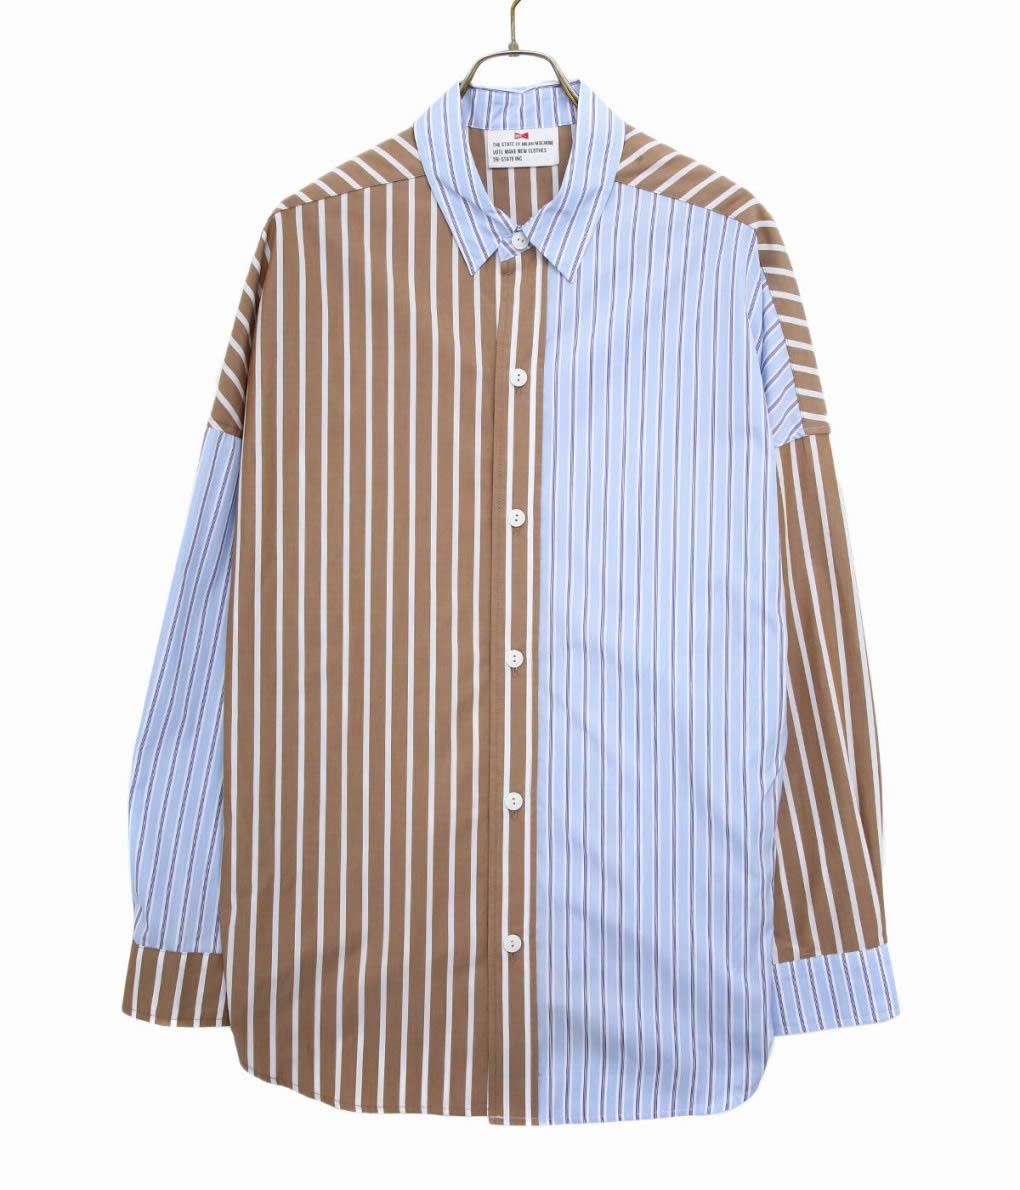 VOTE MAKE NEW CLOTHES / ヴォート メイク ニュークローズ : MARVEL BIG SHIRTS : マーベル ビッグシャツ 19SS 19春夏 メンズ : 19SS-0021【WAX】